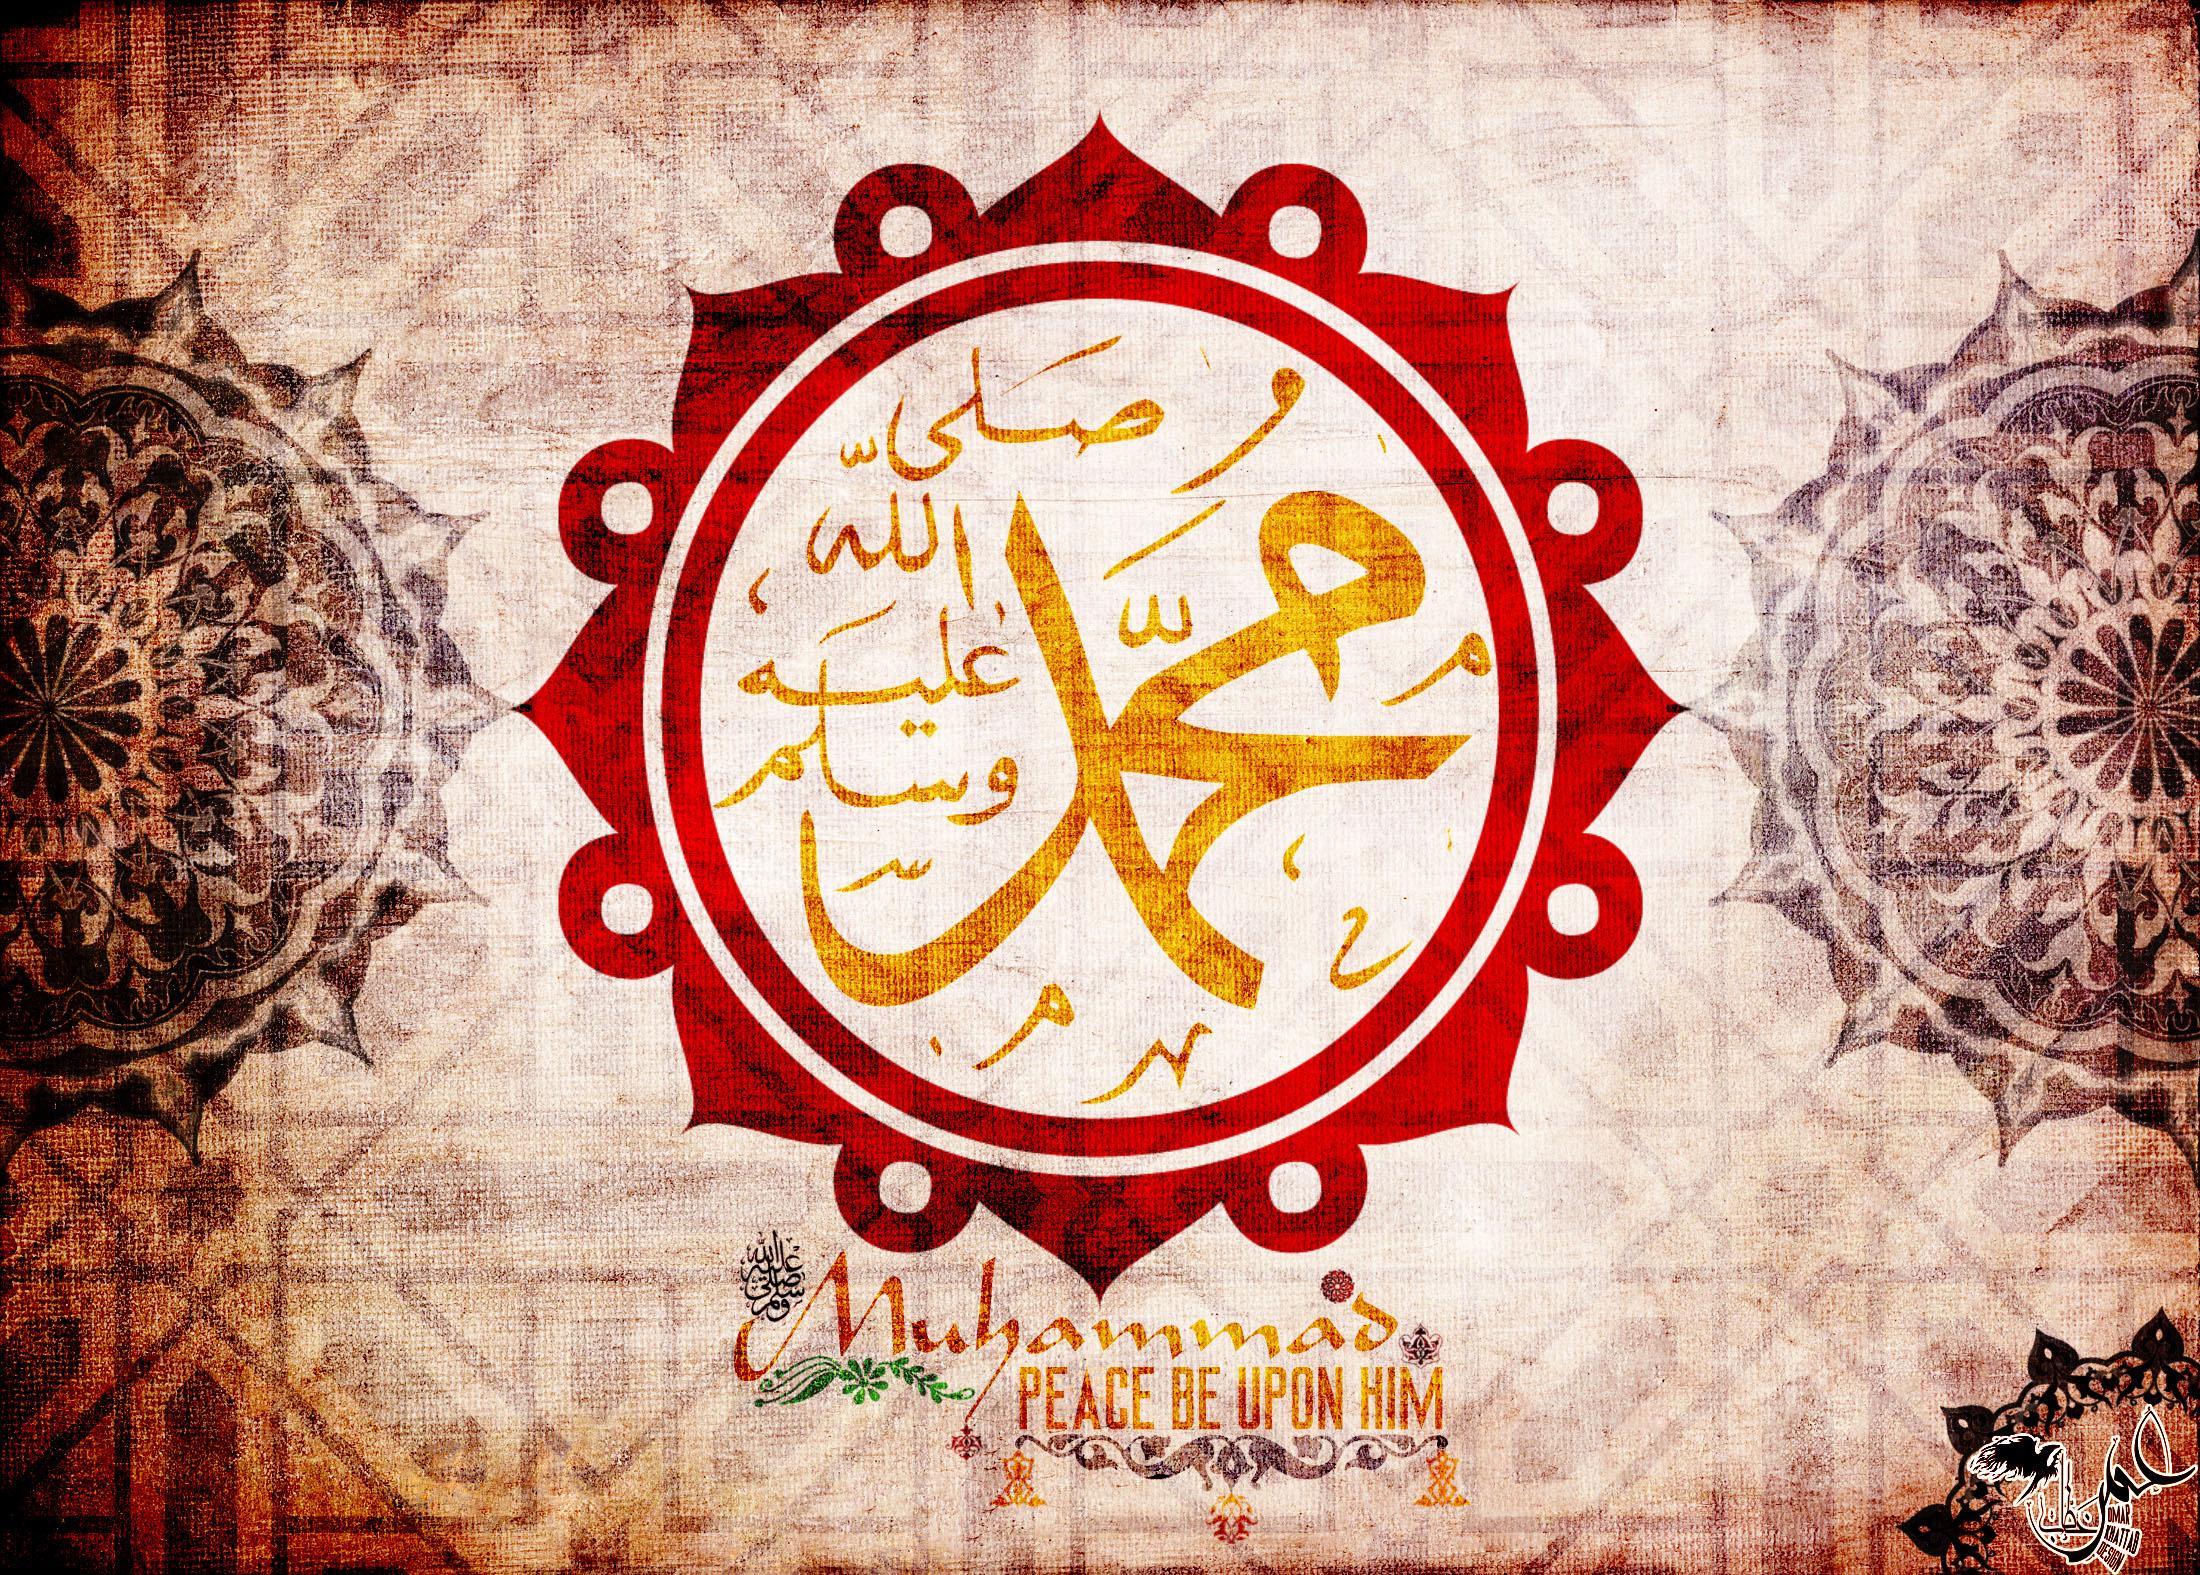 Mohamed, Allah's Mercy for all. love legacy